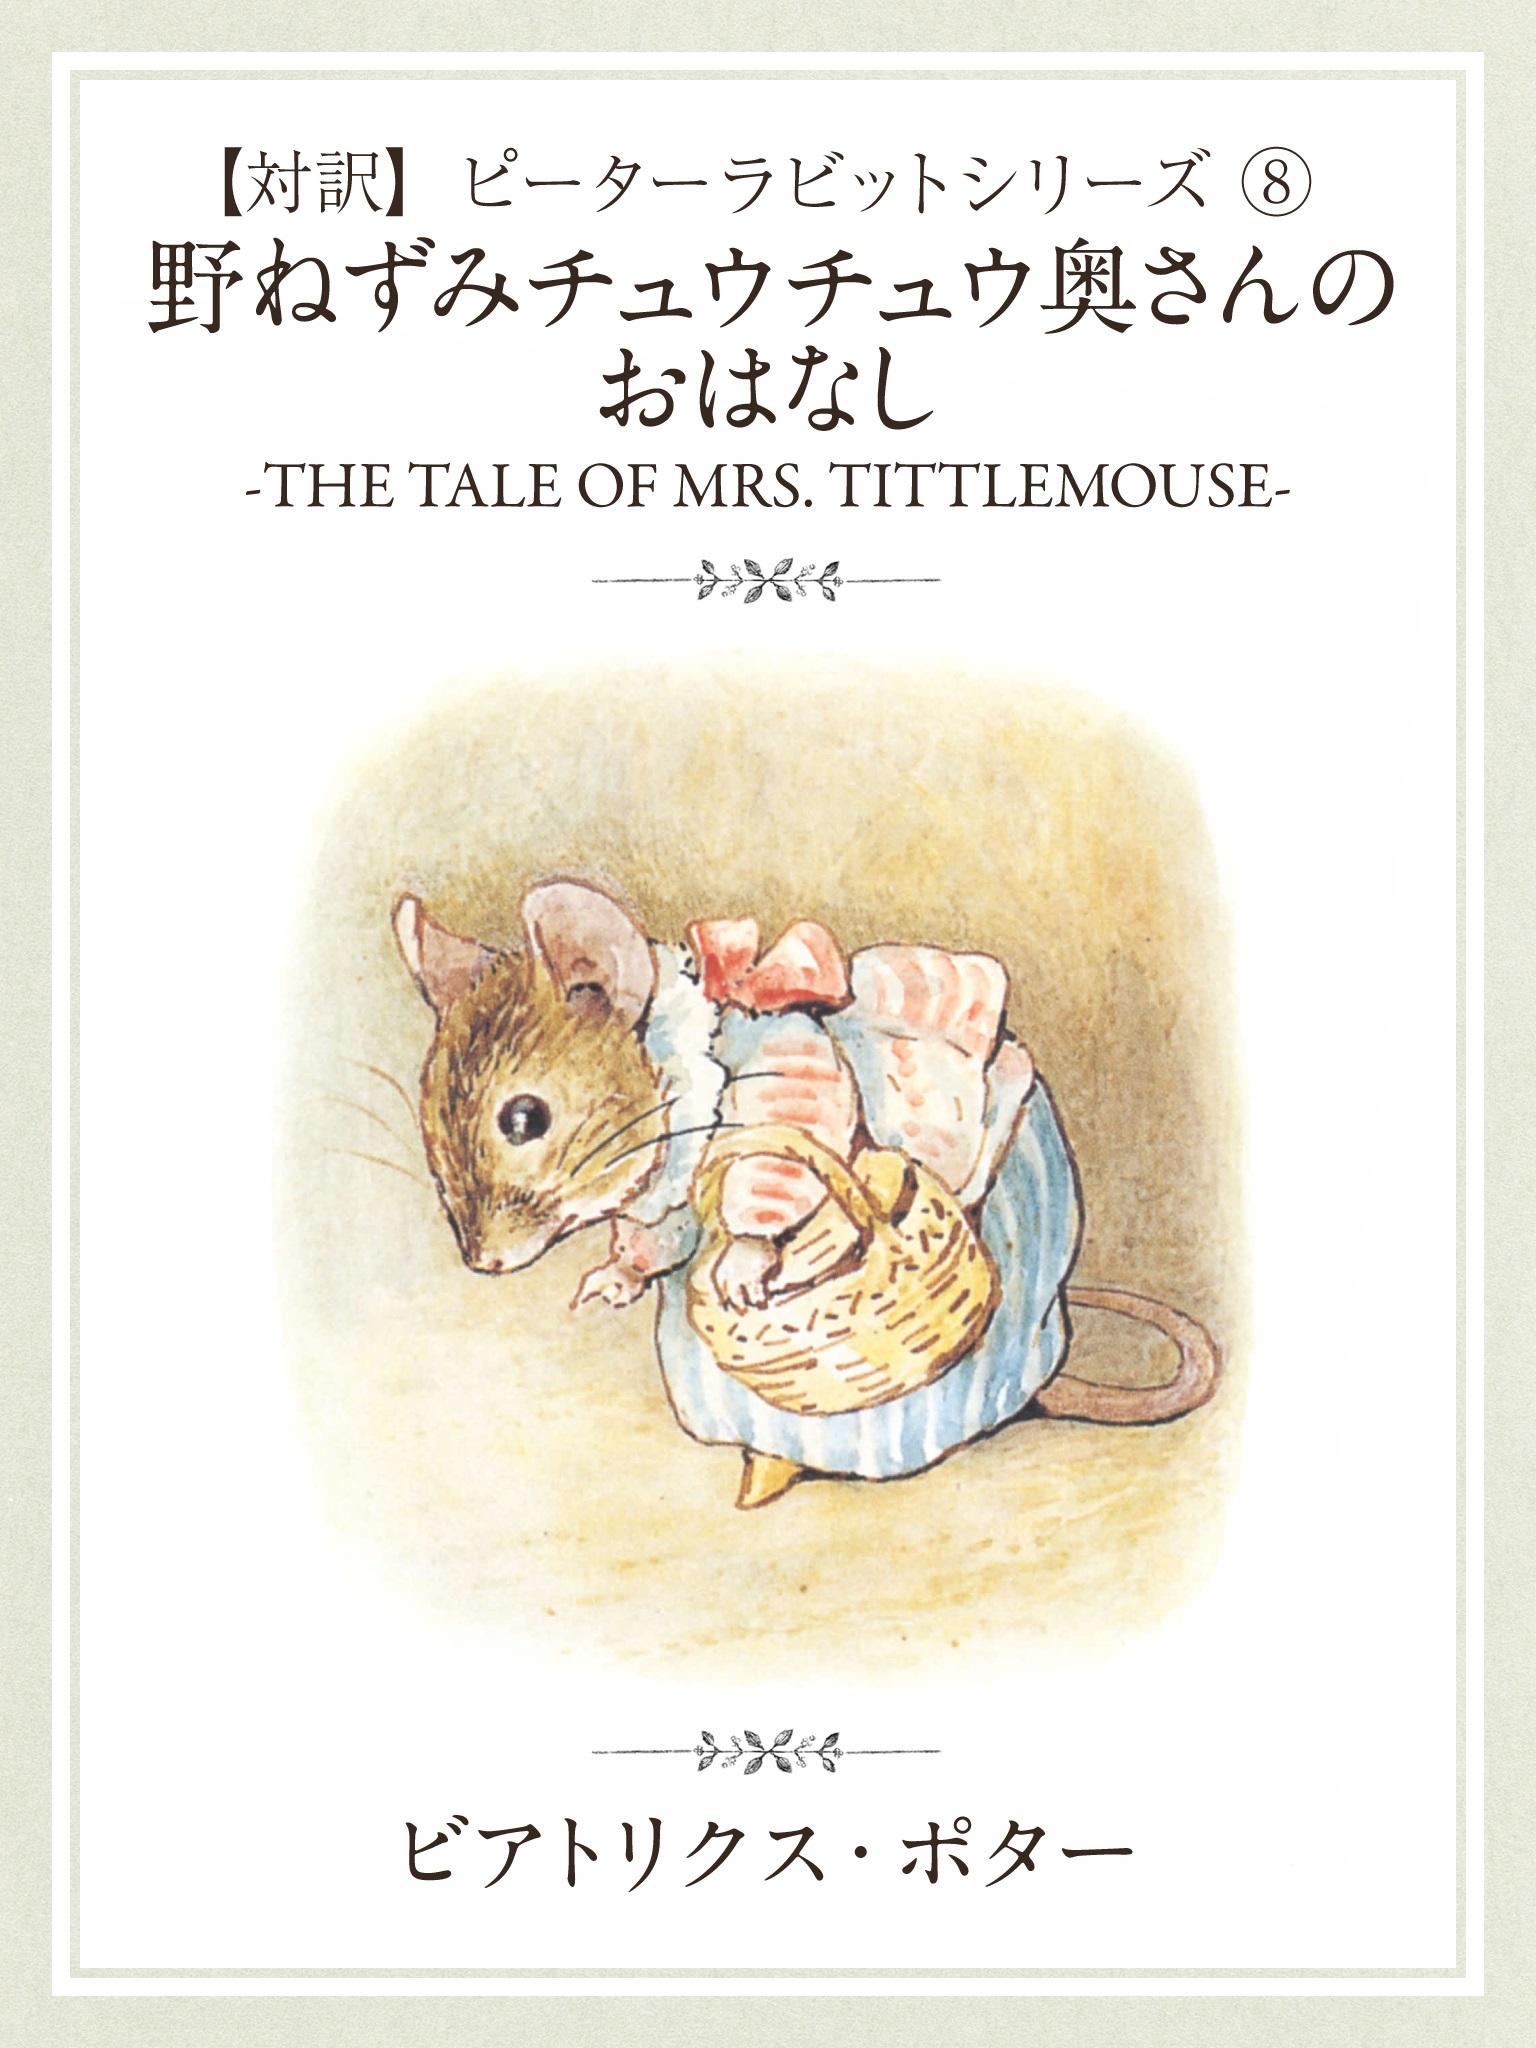 【対訳】ピーターラビット ⑧ のねずみチュウチュウ奥さんのおはなし -THE TALE OF MRS. TITTLEMOUSE-